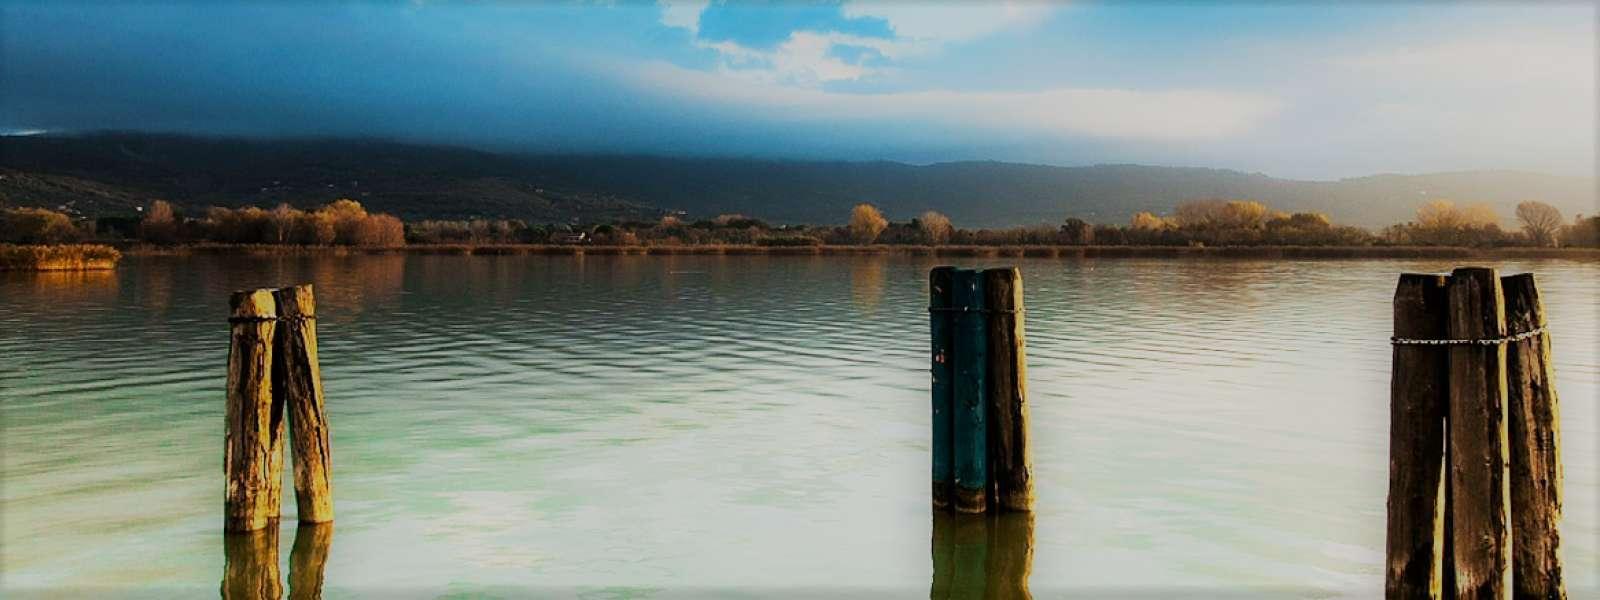 lago trasimeno - vacanza in umbria agriturismo